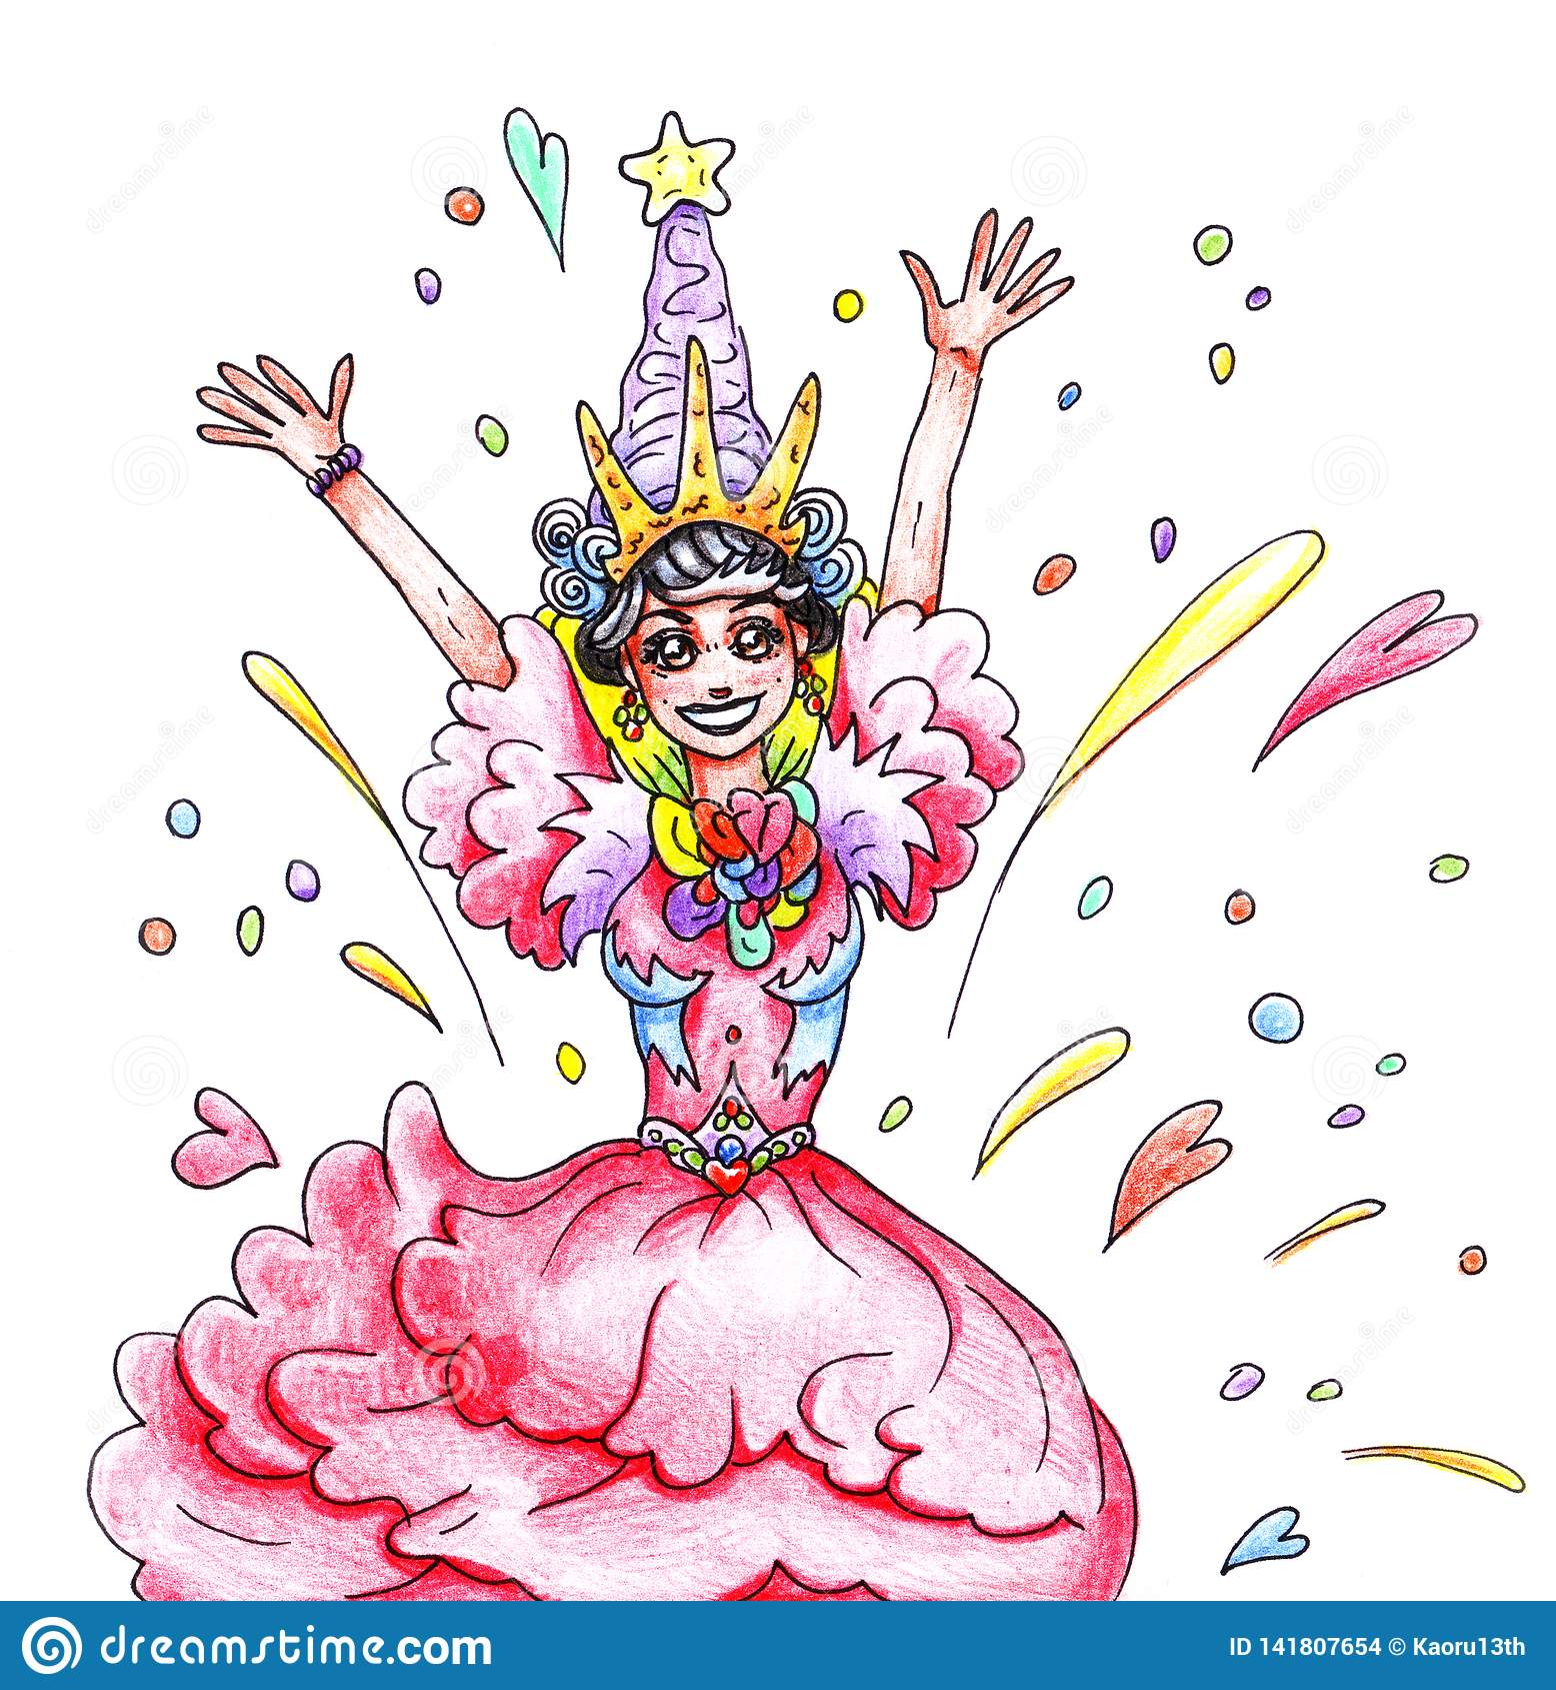 De tekening van een gelukkige blije kleur extatisch met een glimlach van het prinsesmeisje in een roze kleding en een kroon op de